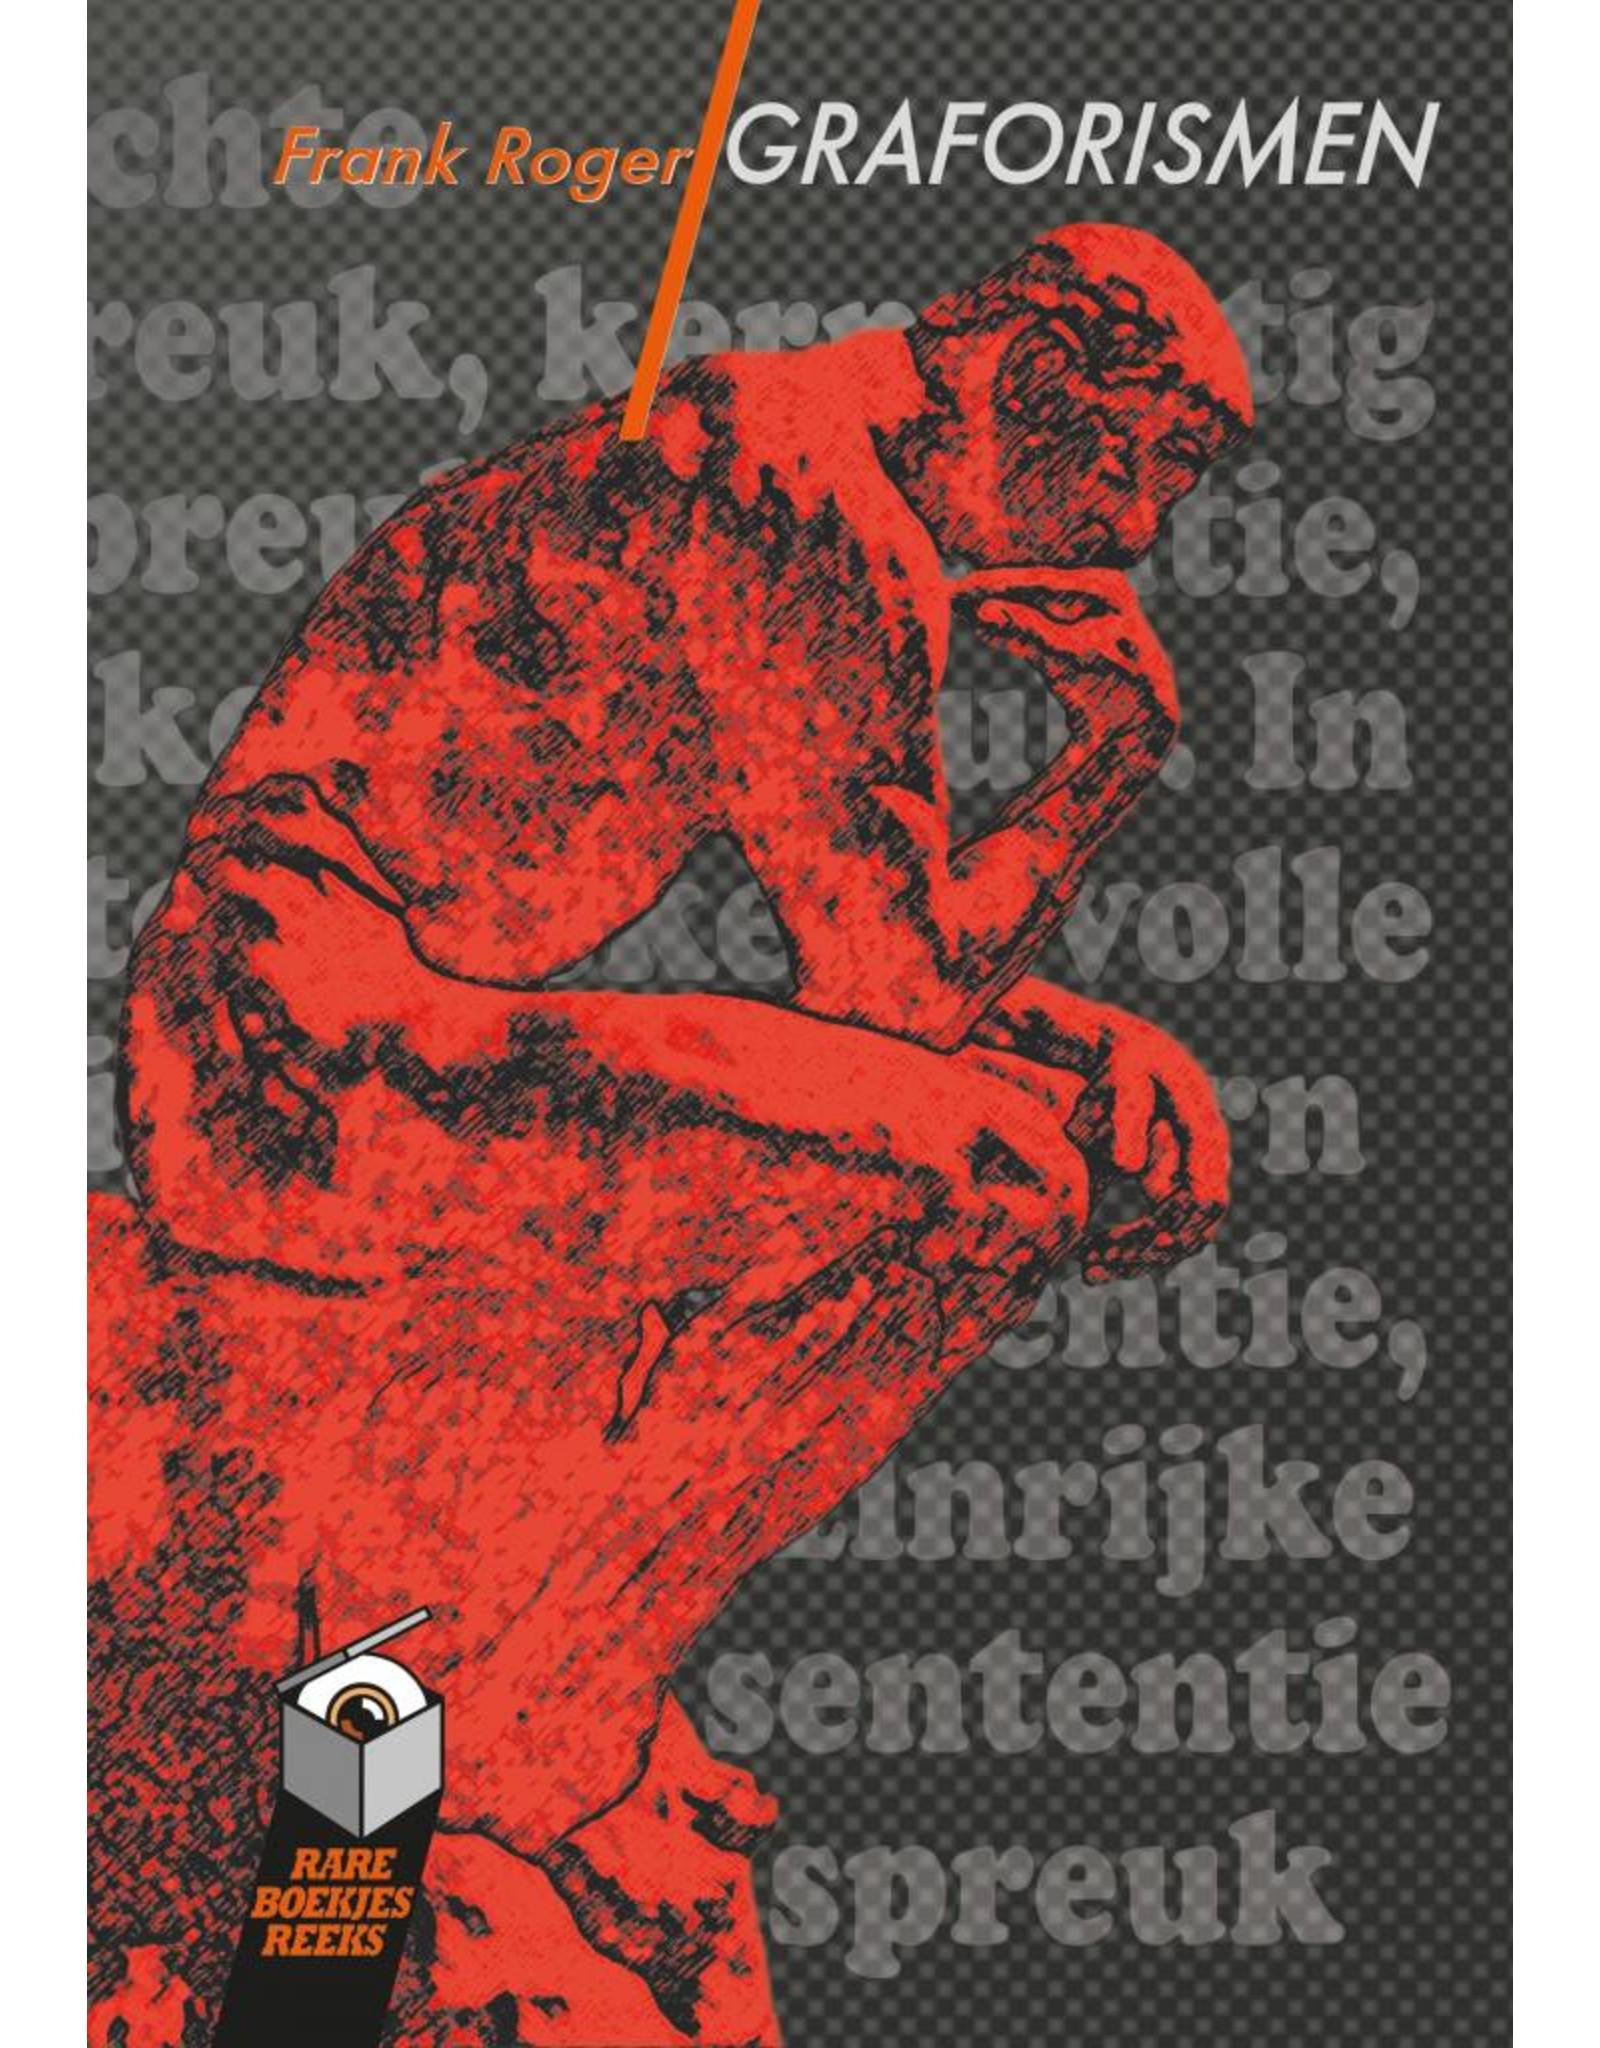 Graforismen (Frank Roger)